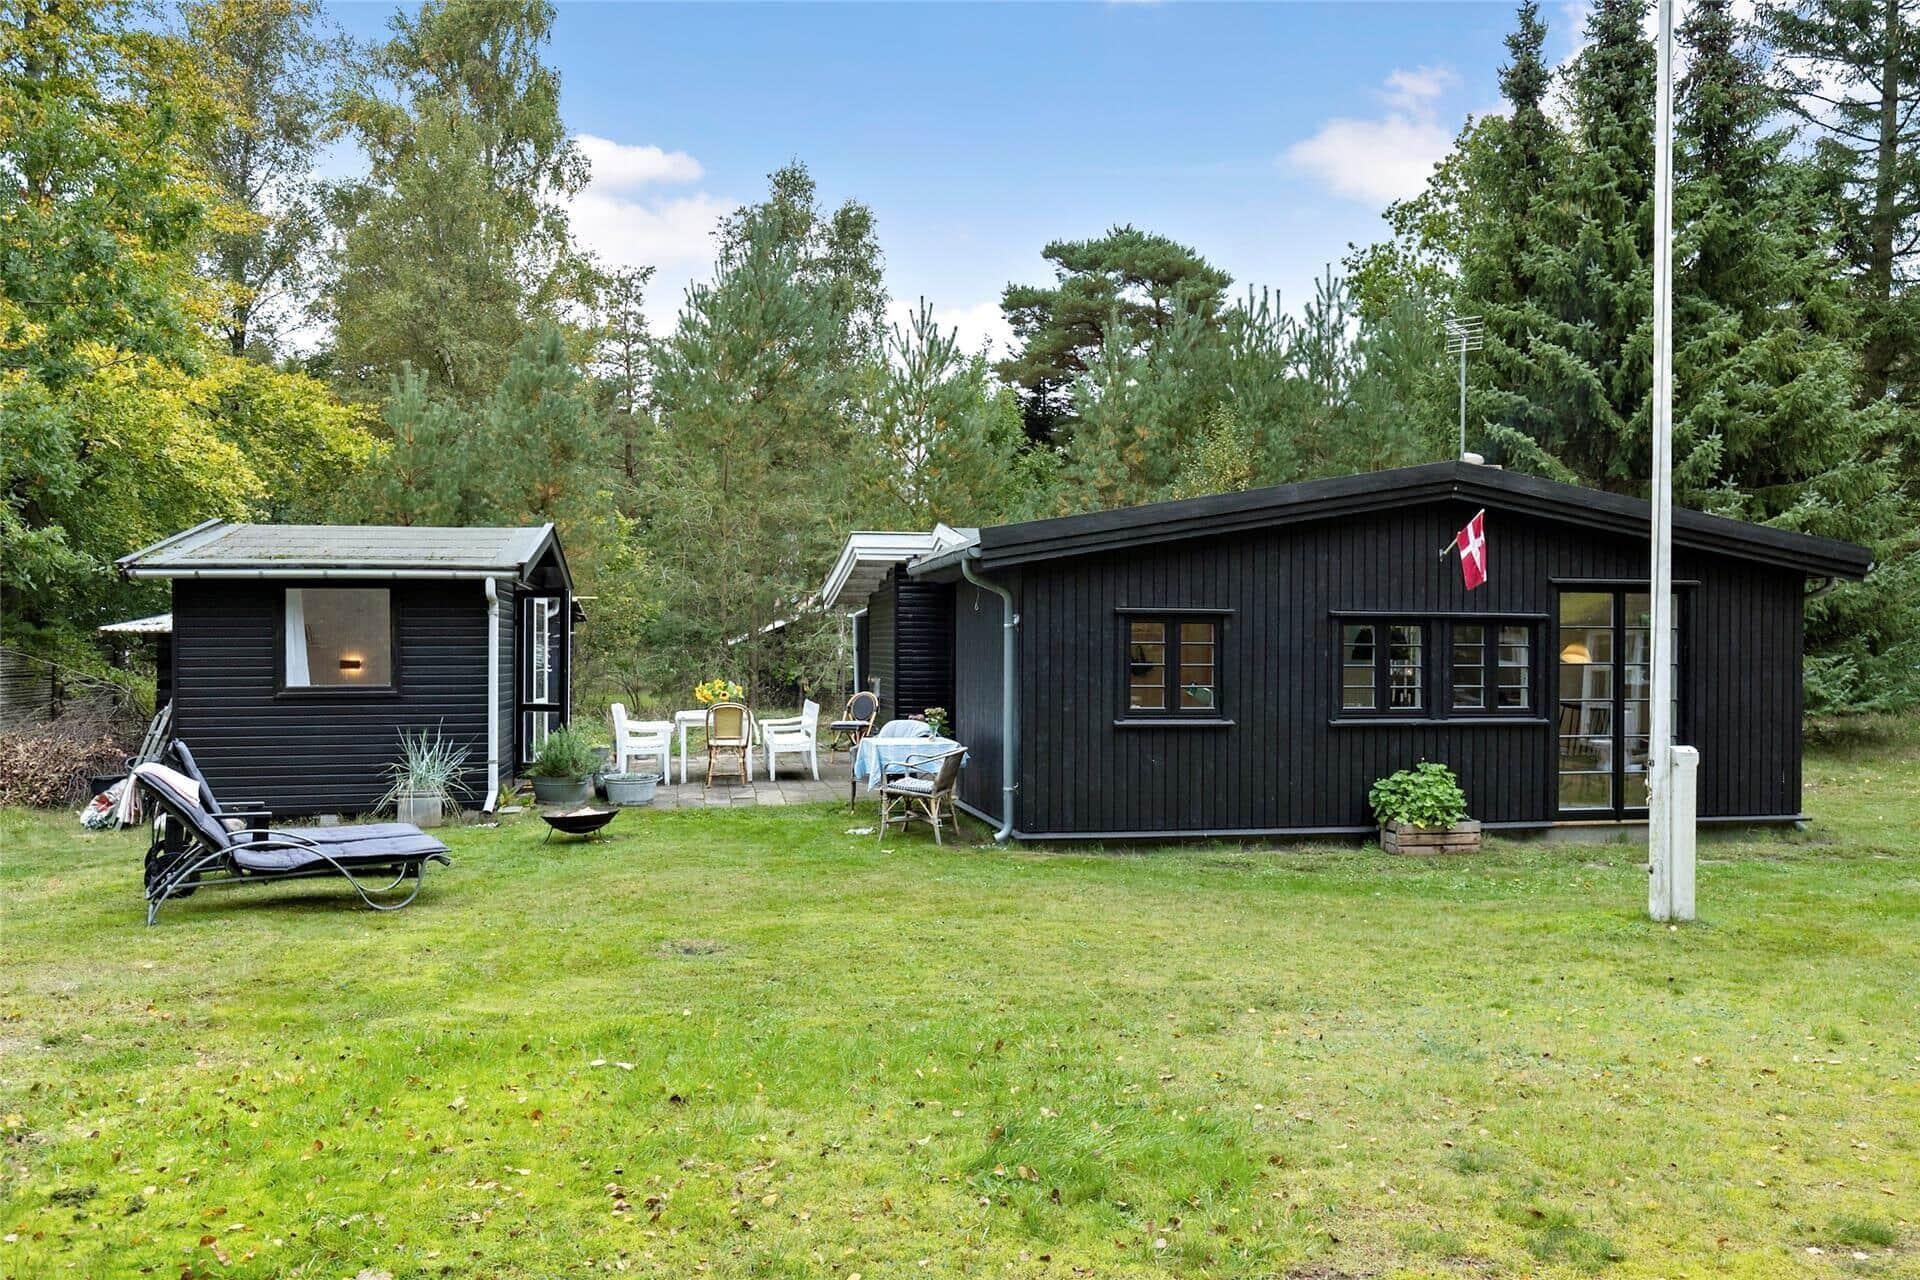 Billede 1-17 Sommerhus 11119, Østerled 4, DK - 4500 Nykøbing Sj